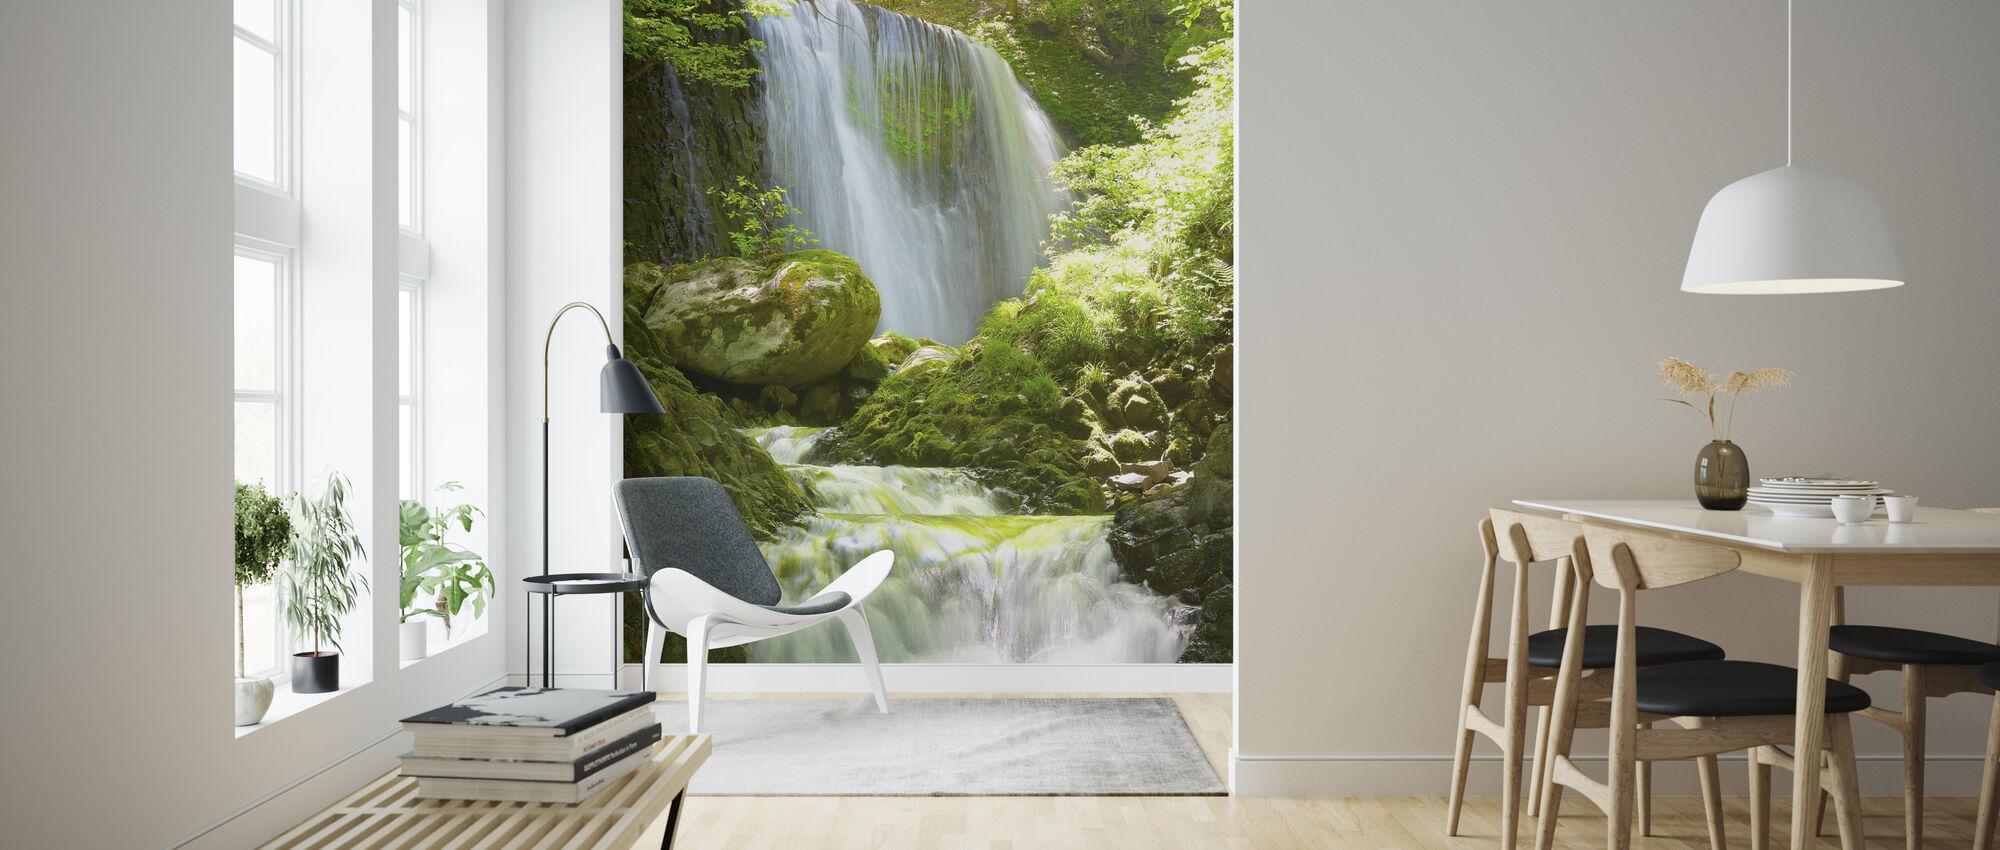 Koromonotaki Falls - Wallpaper - Living Room